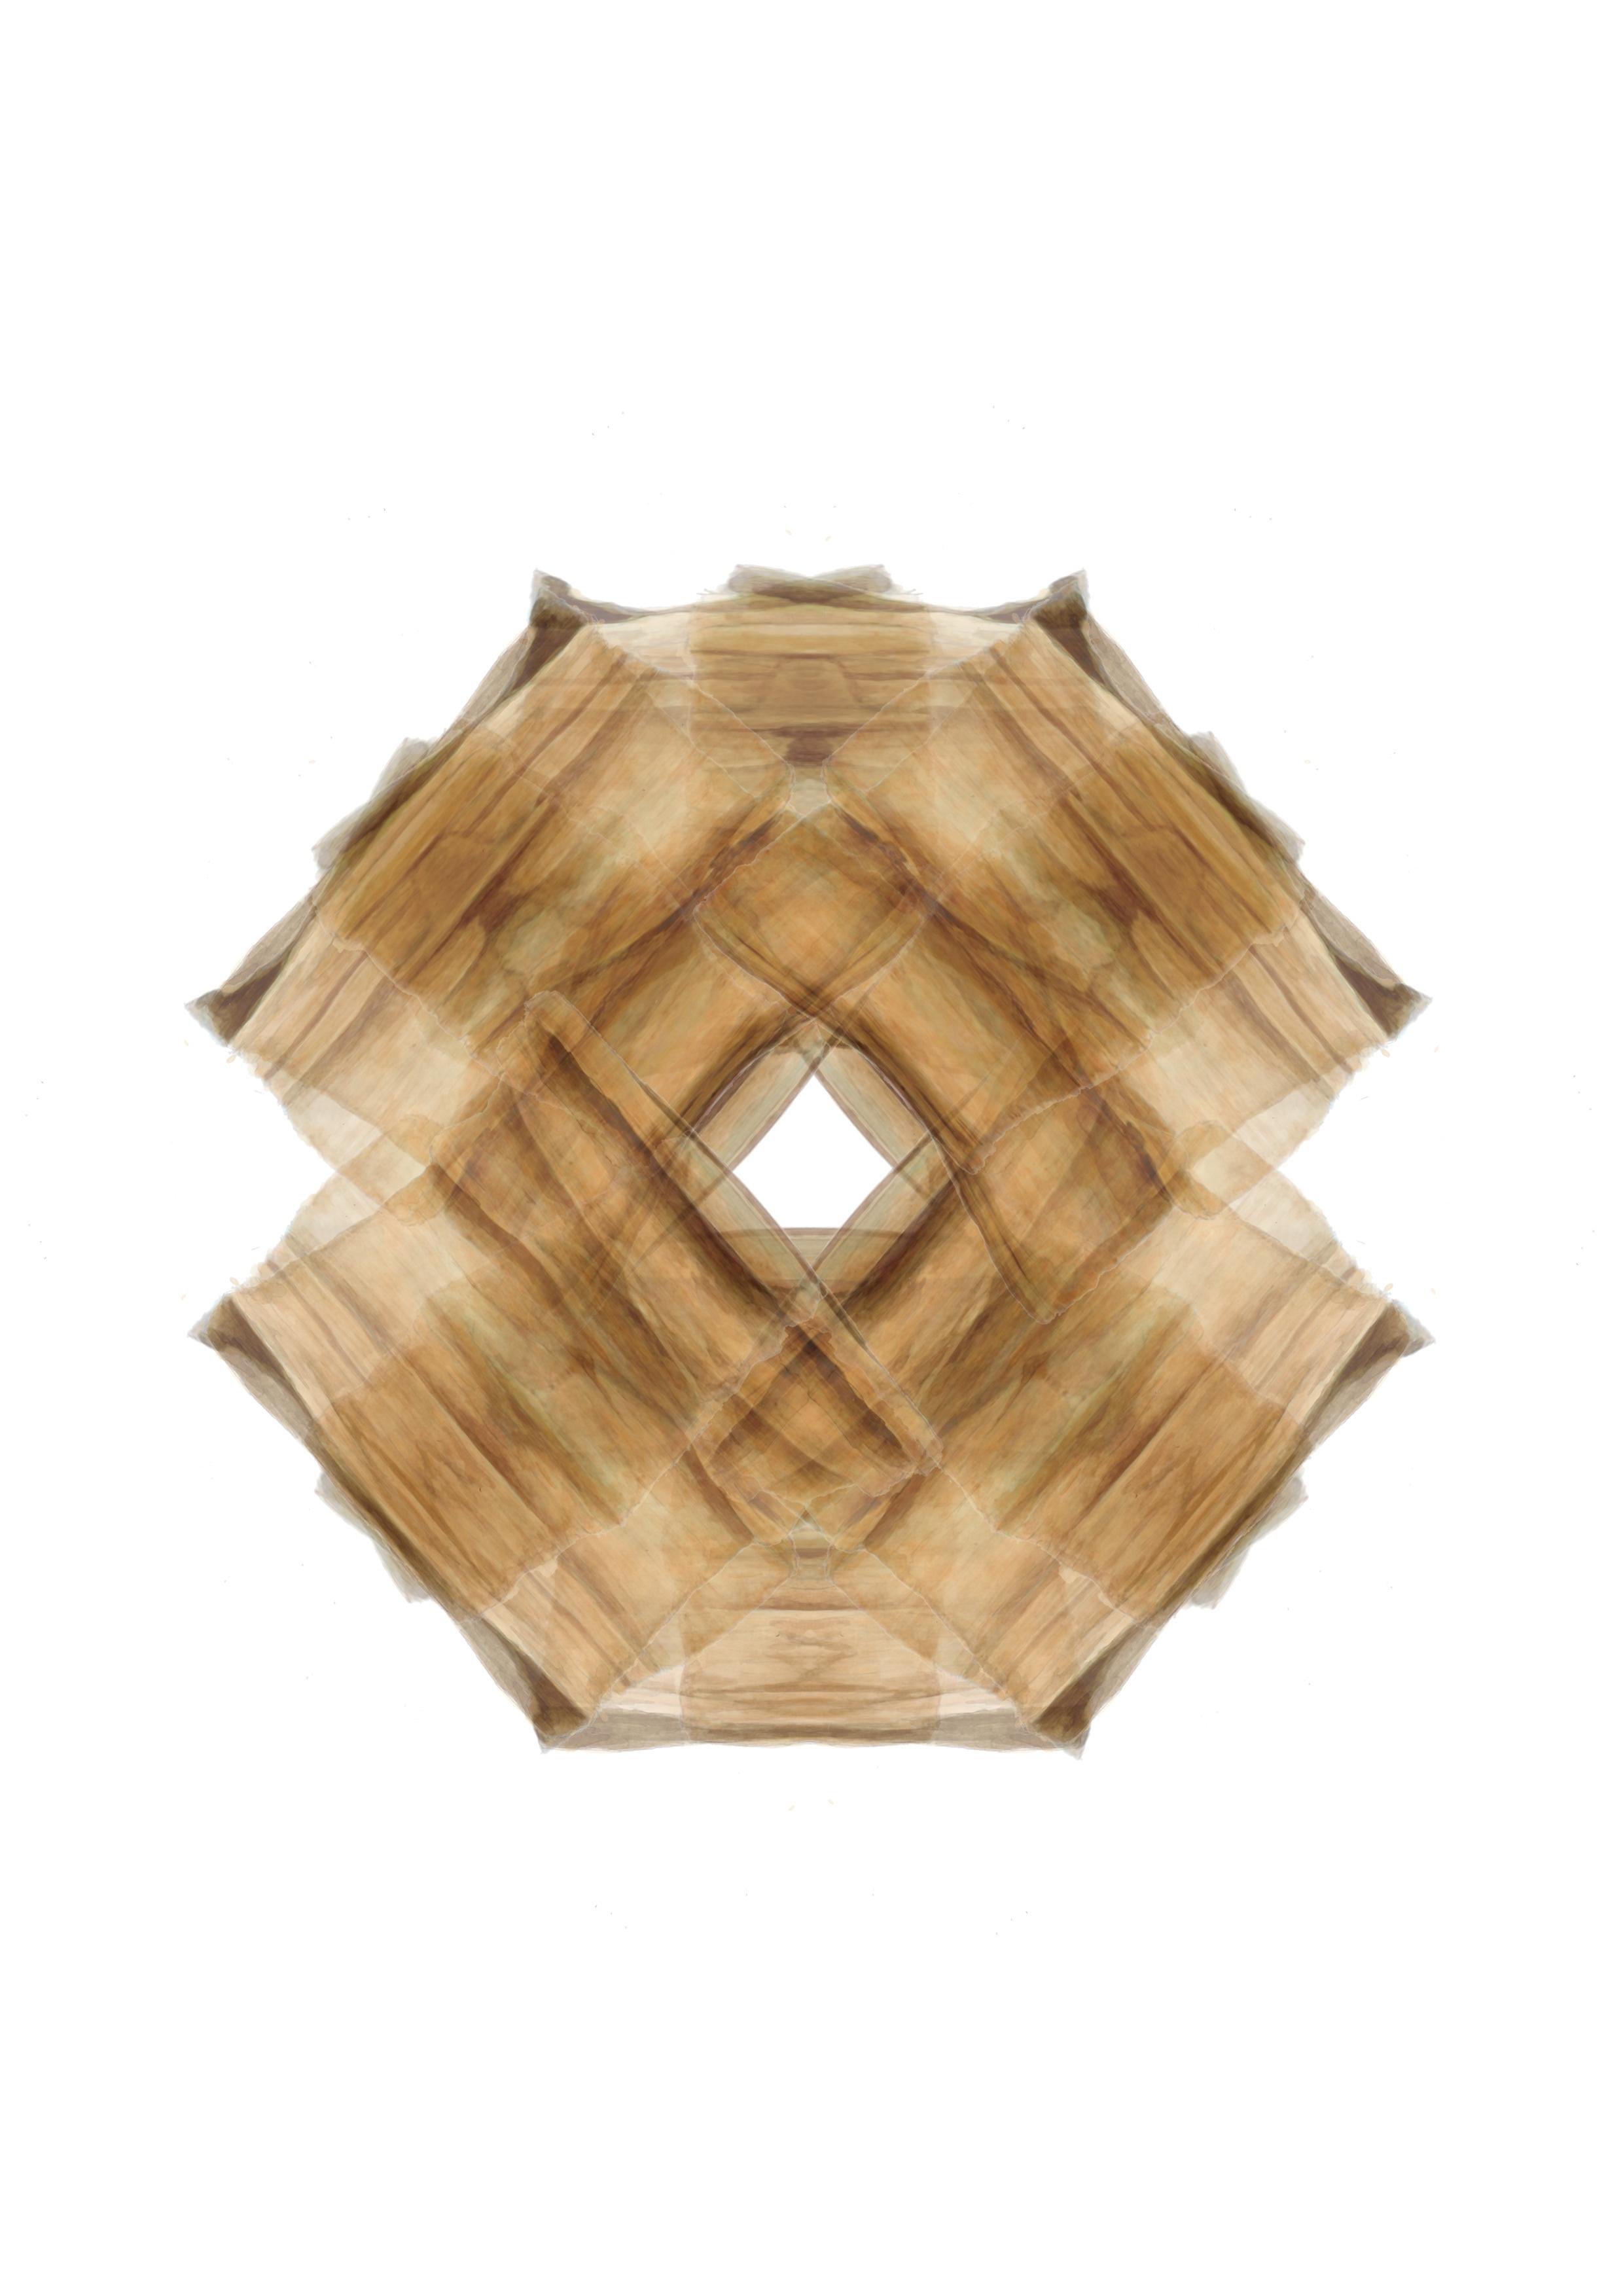 wood parts2